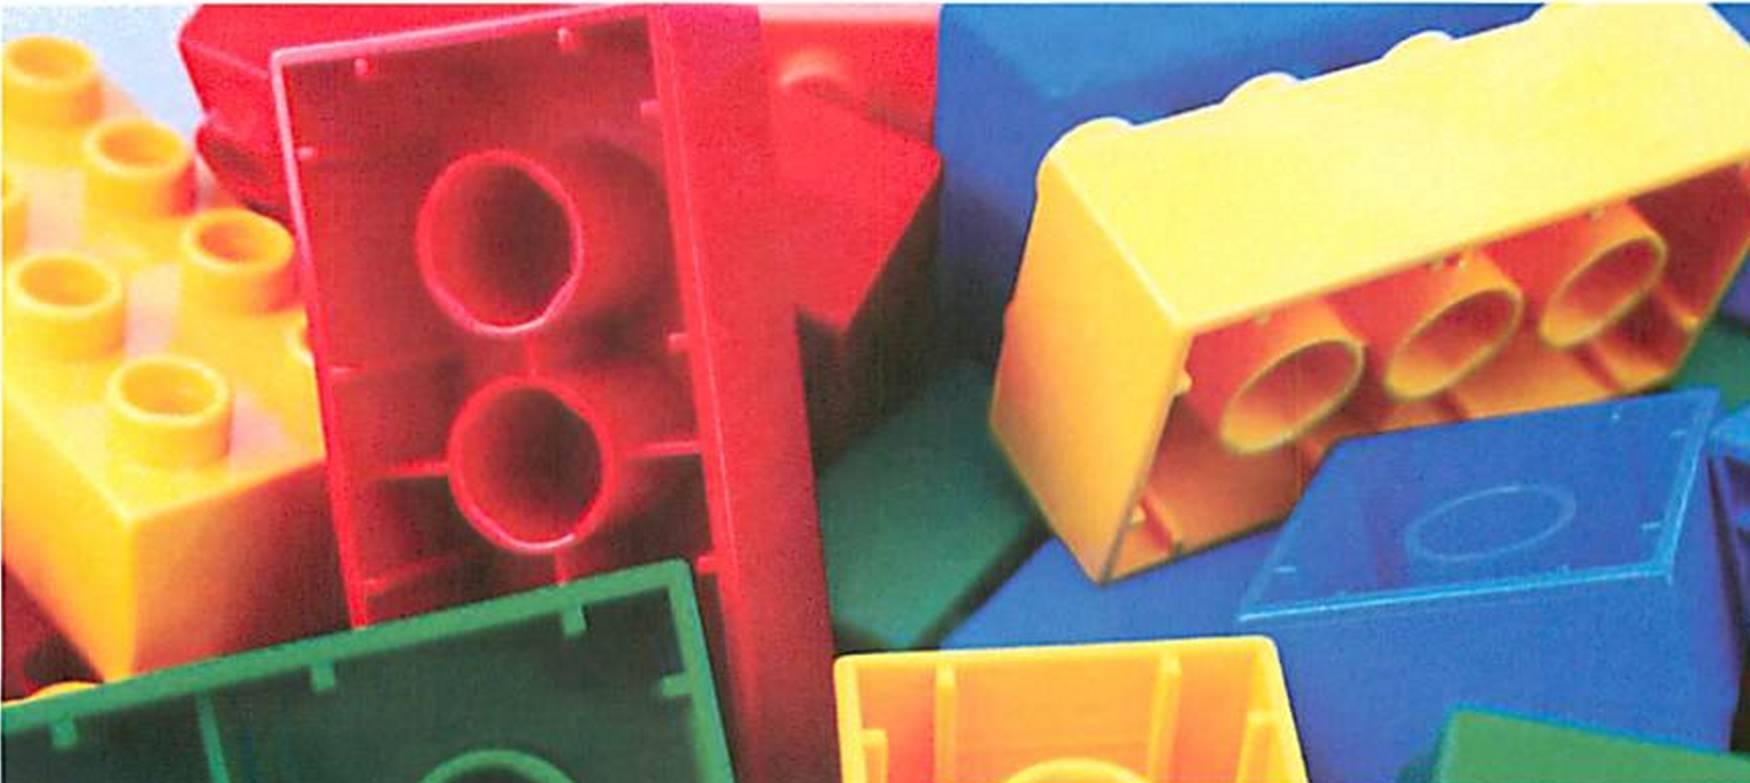 eb42e0435d782c24d5af_LEGO_Family_Build_PR3.jpg